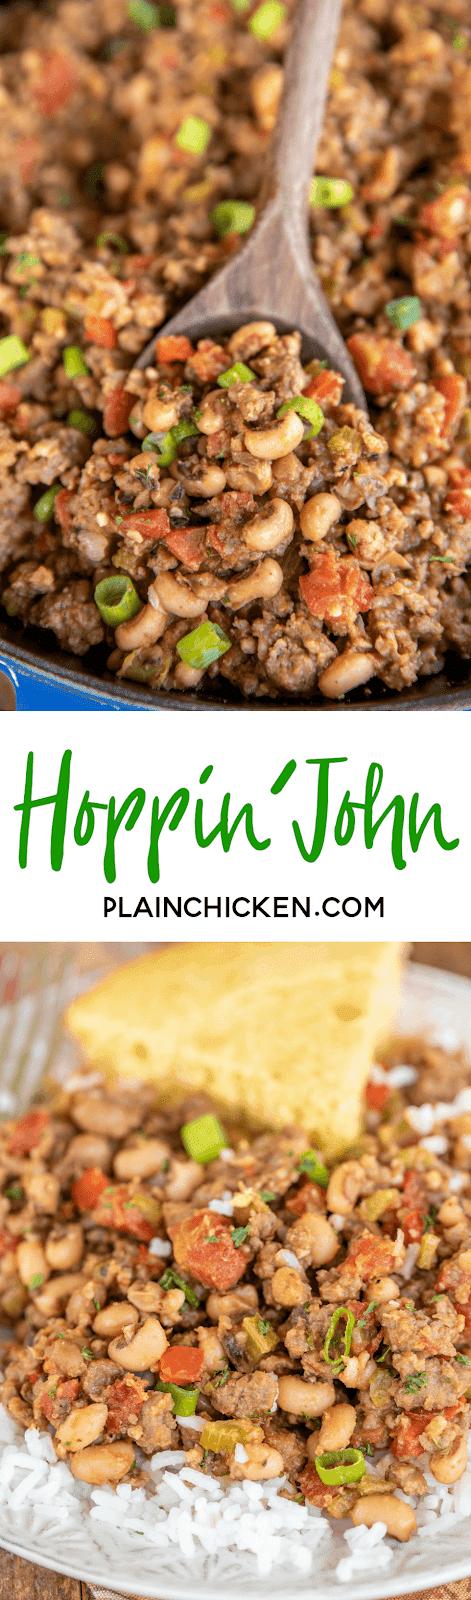 collage of 2 photos of hoppin' john